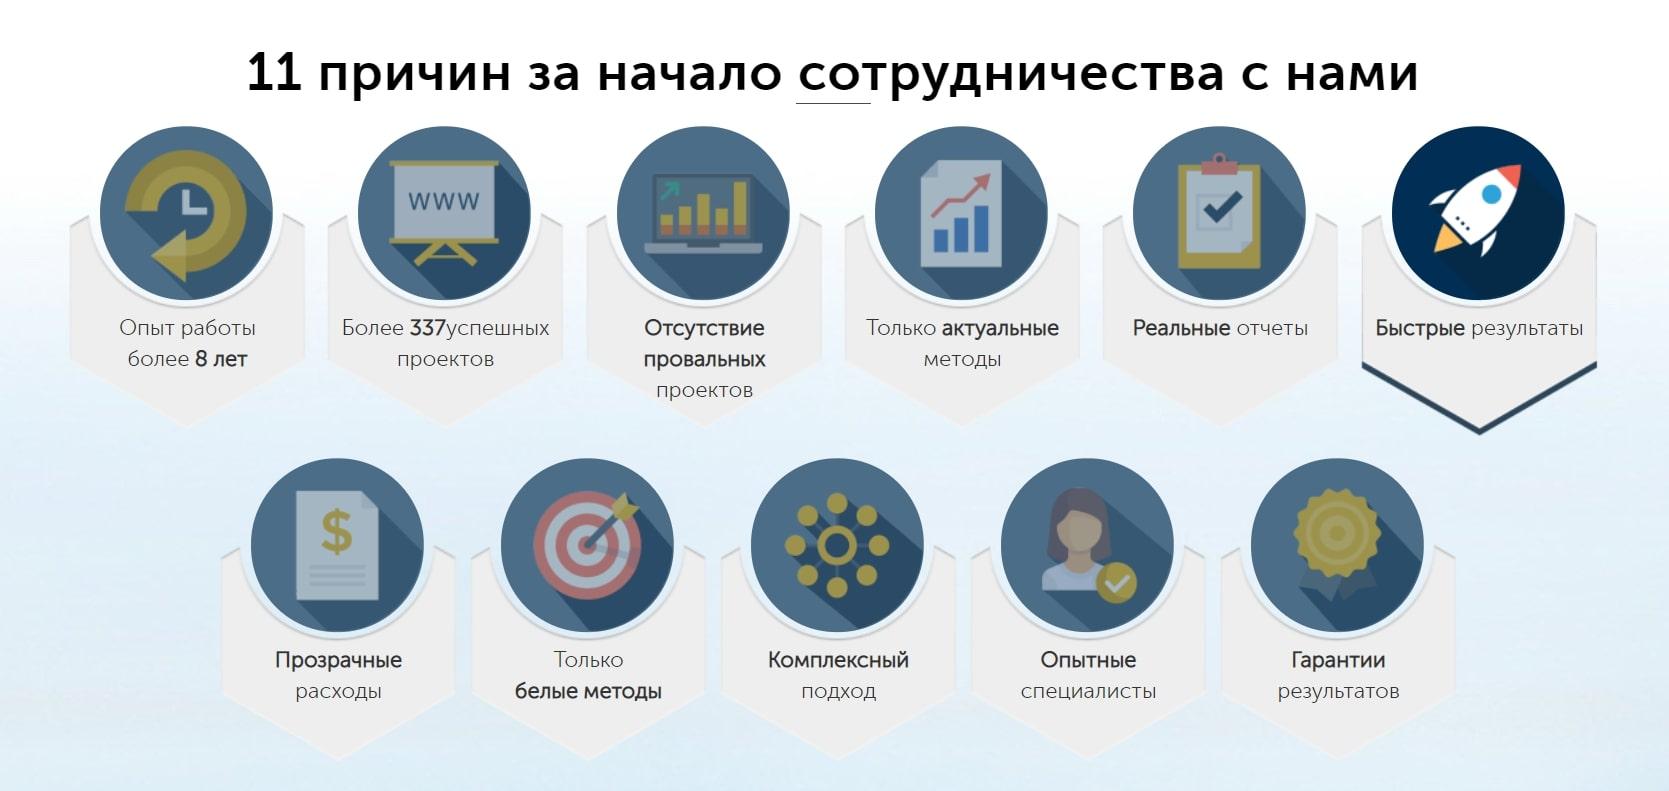 WEDEX - обзор компании, услуги, отзывы, клиенты   Google SEO, Фото № 2 - google-seo.pro